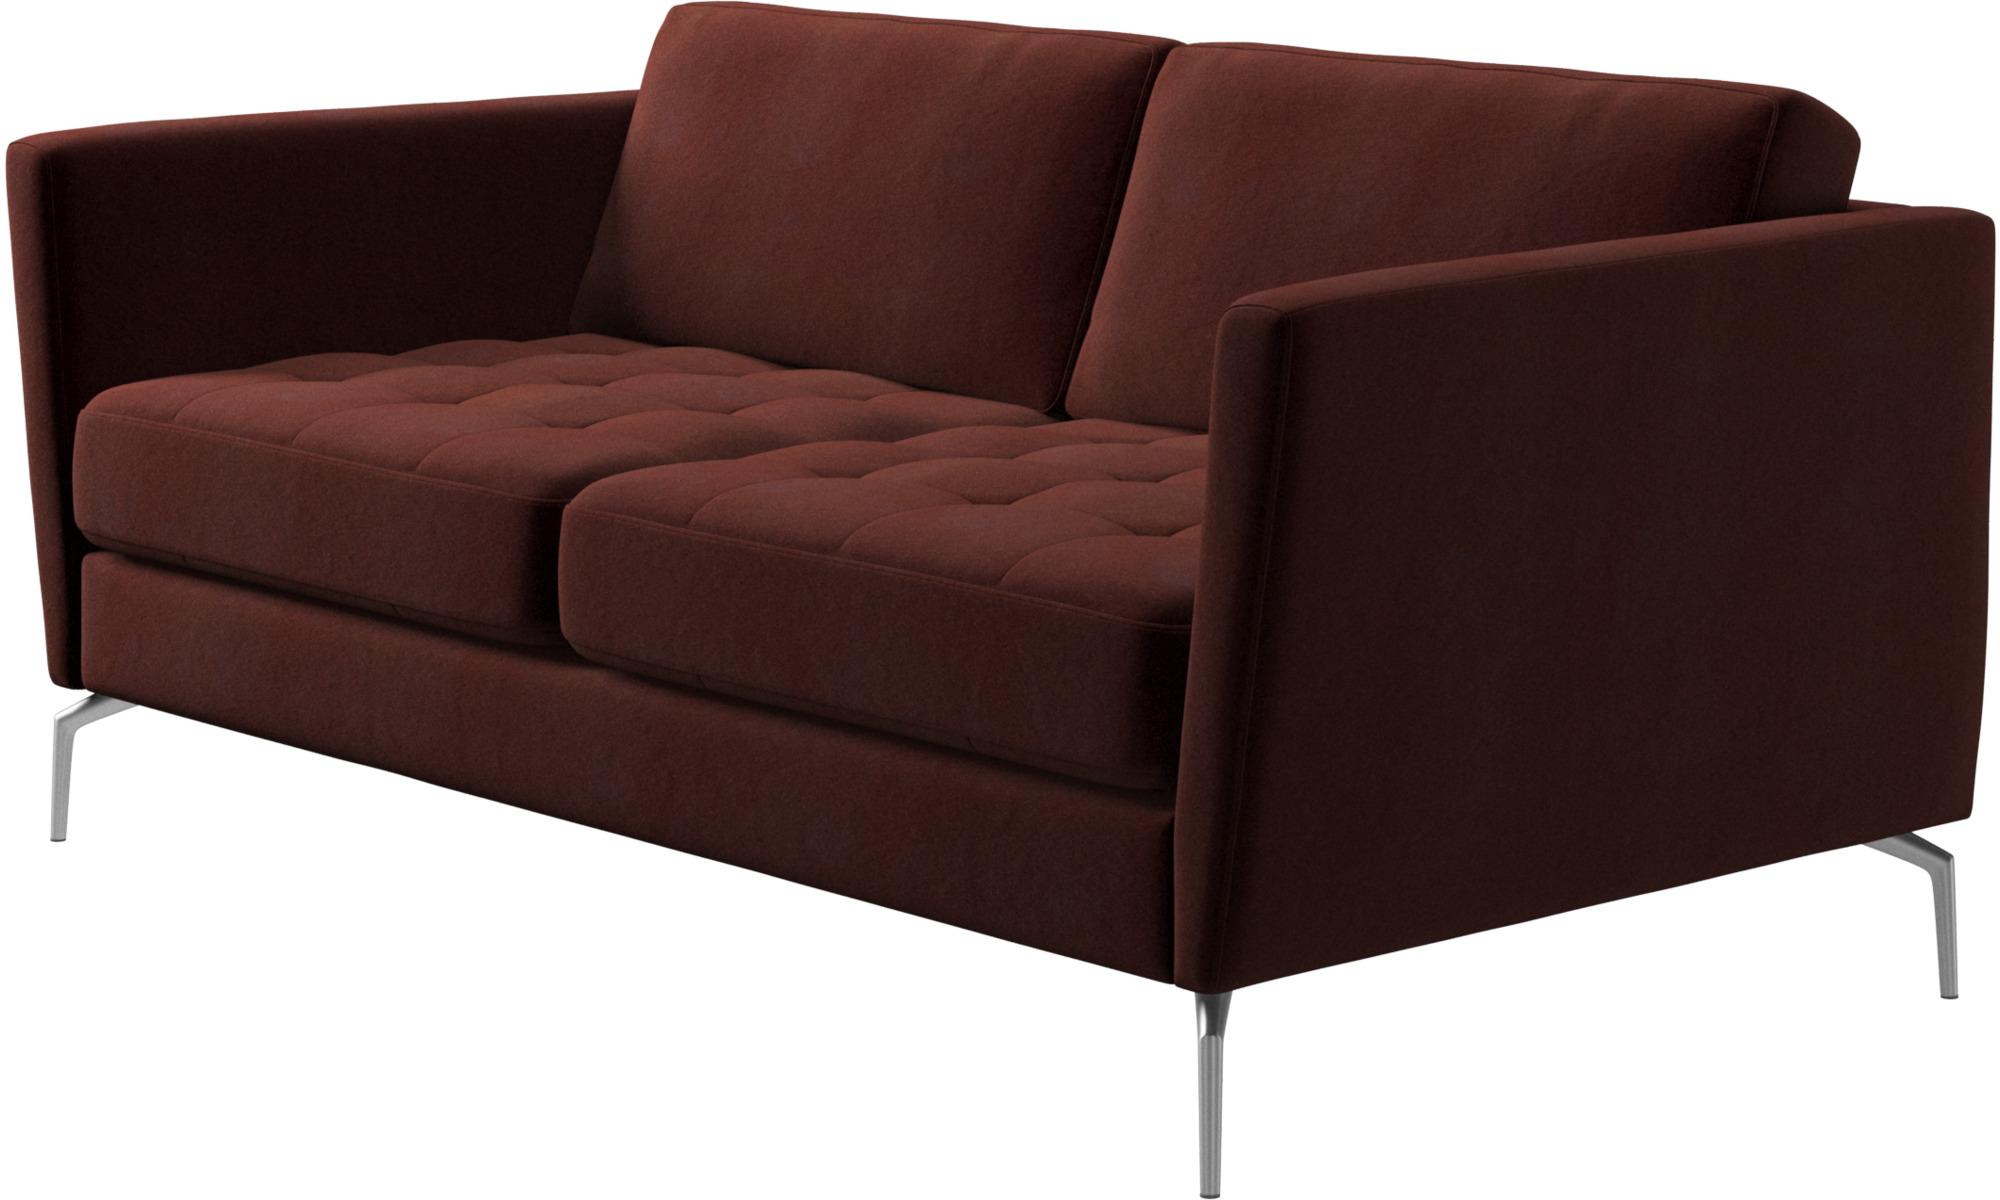 Full Size of Weiches Sofa 2 Sitzer Sofas Osaka Chesterfield Grau Reiniger 3 1 Günstige Günstig Kaufen Xxl Xora Mit Abnehmbaren Bezug Gebraucht Reinigen Polsterreiniger Sofa Weiches Sofa